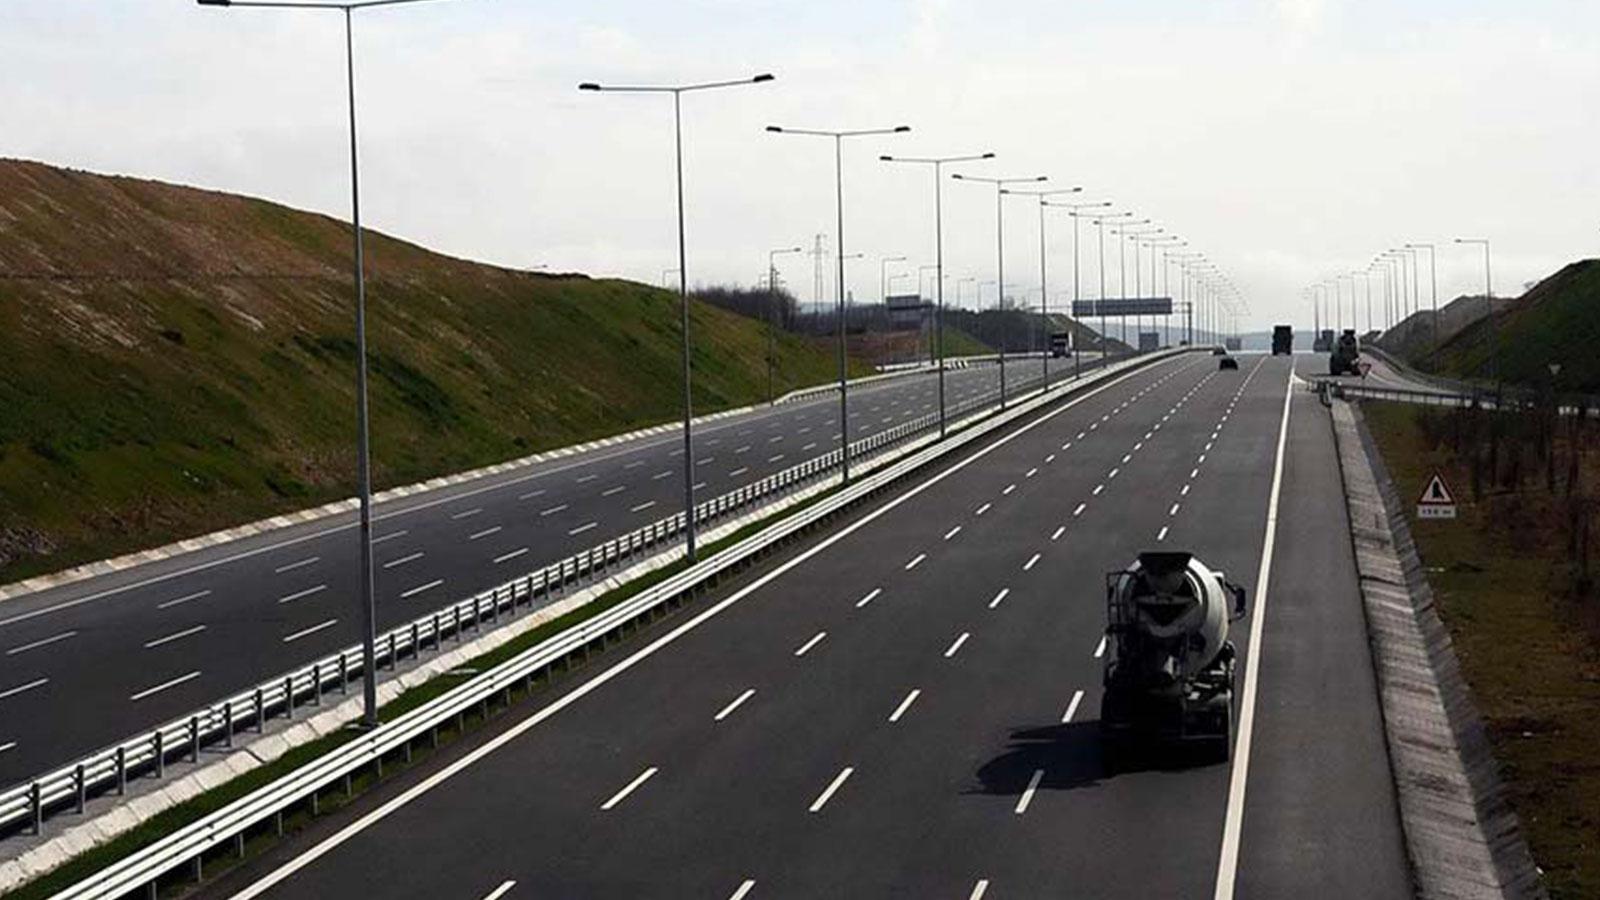 İzmir-Antalya Kesintisiz Otoyol Projesi İçin Yeni Gelişme